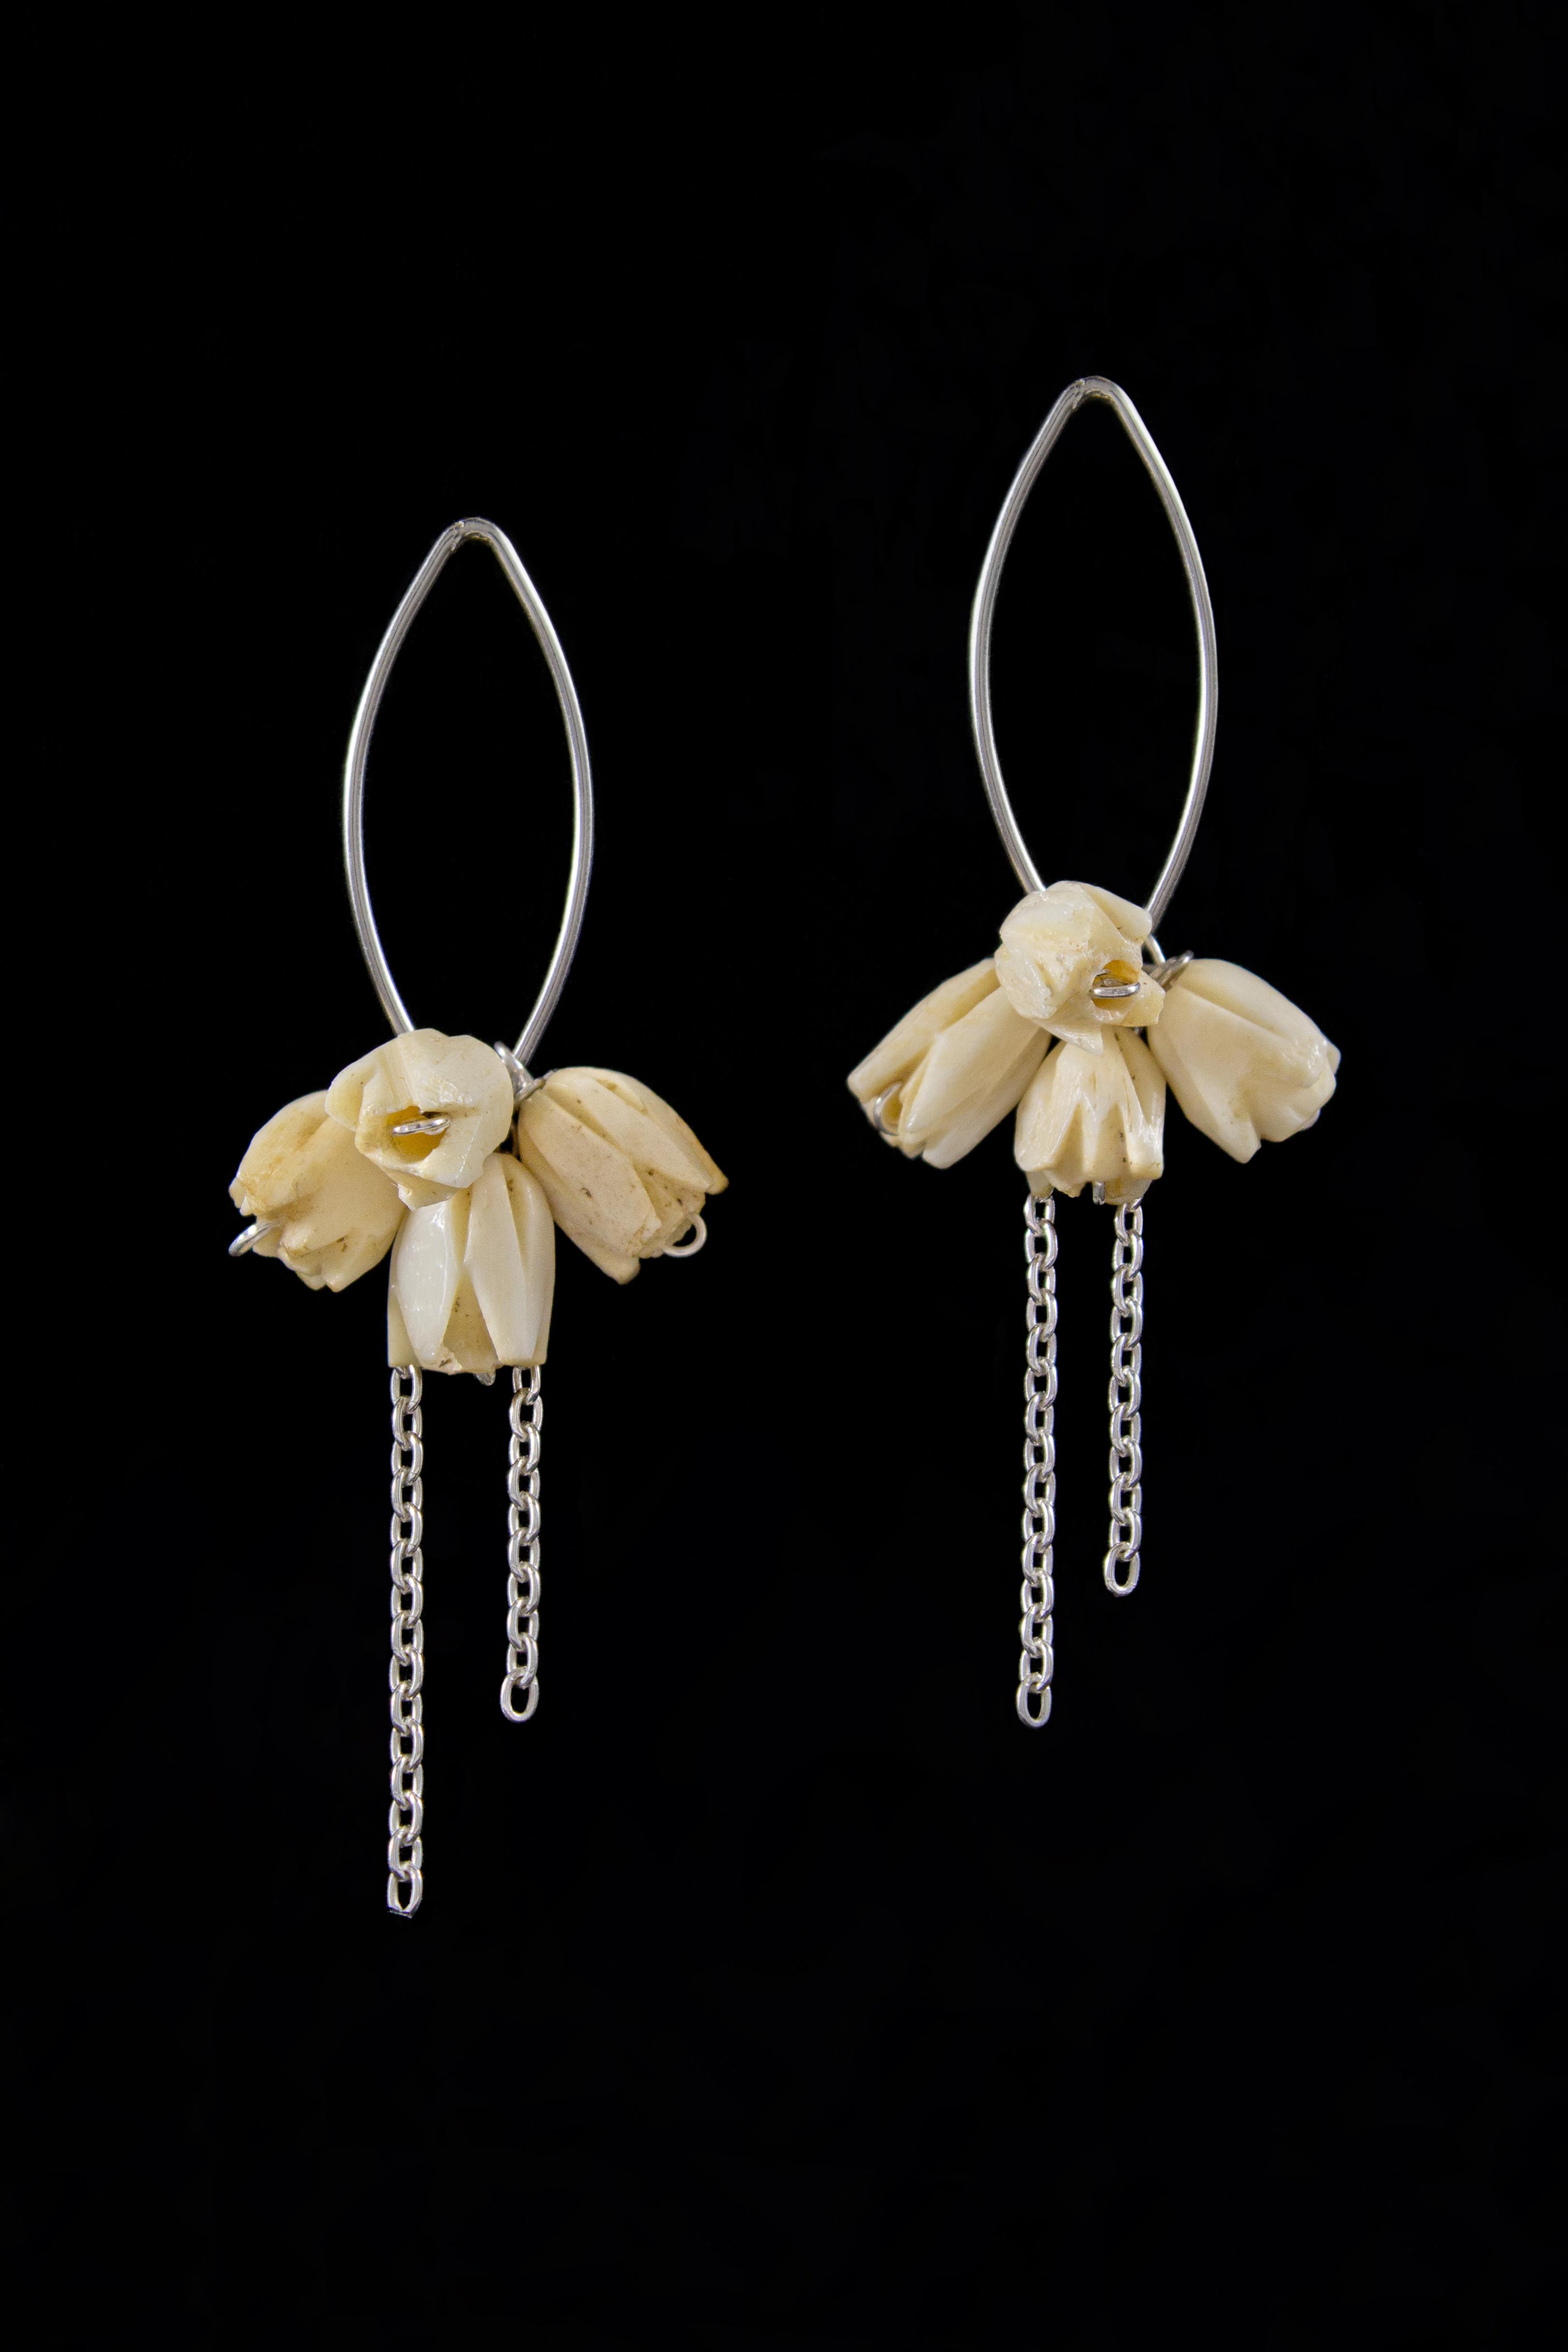 Bone flower earrings